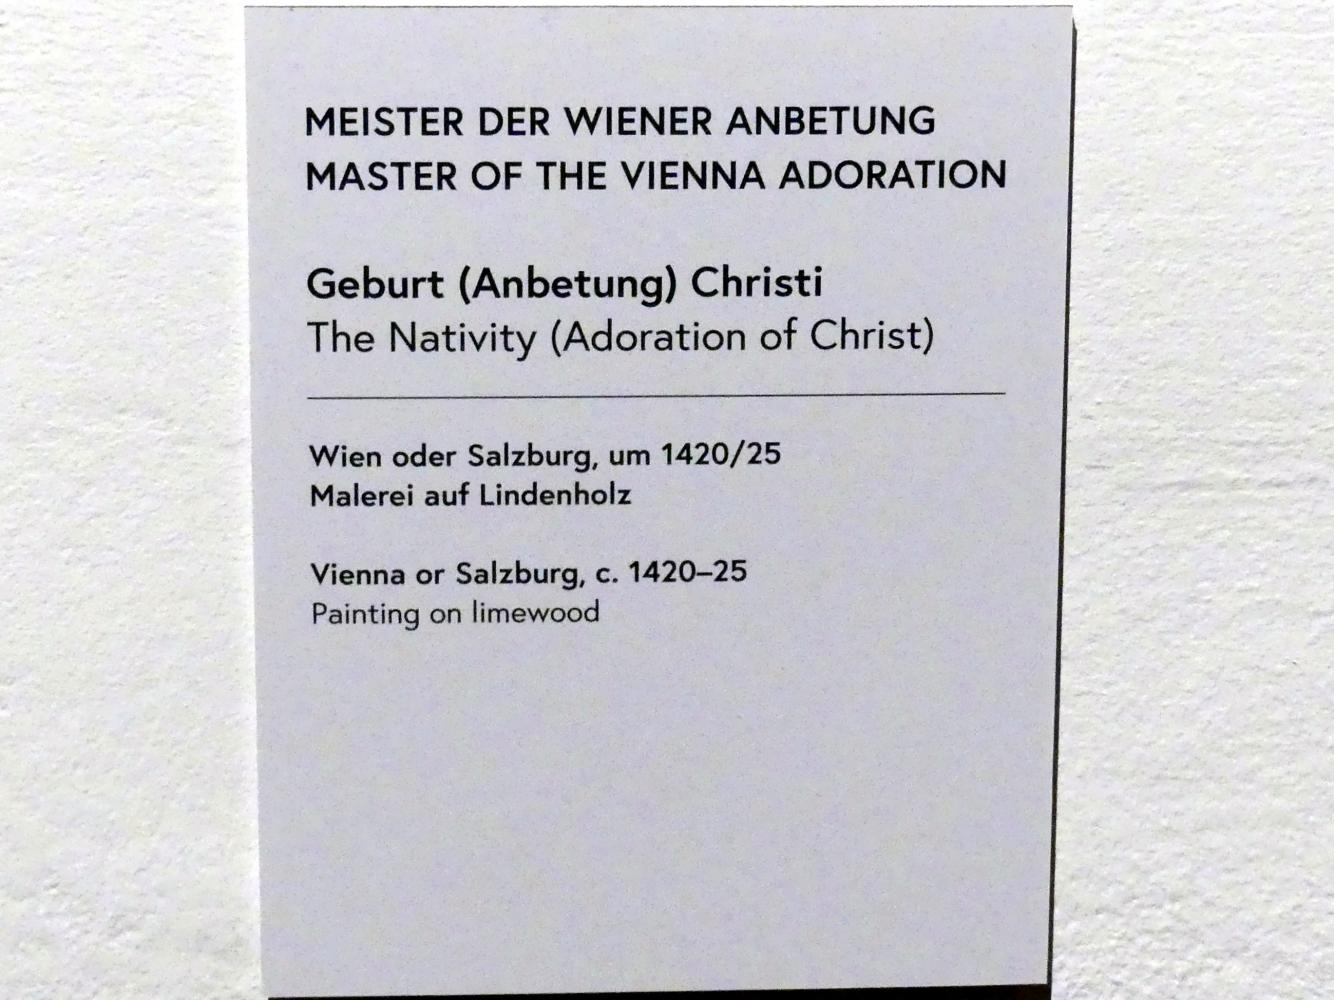 Meister der Wiener Anbetung: Geburt (Anbetung) Christi, Um 1420 - 1425